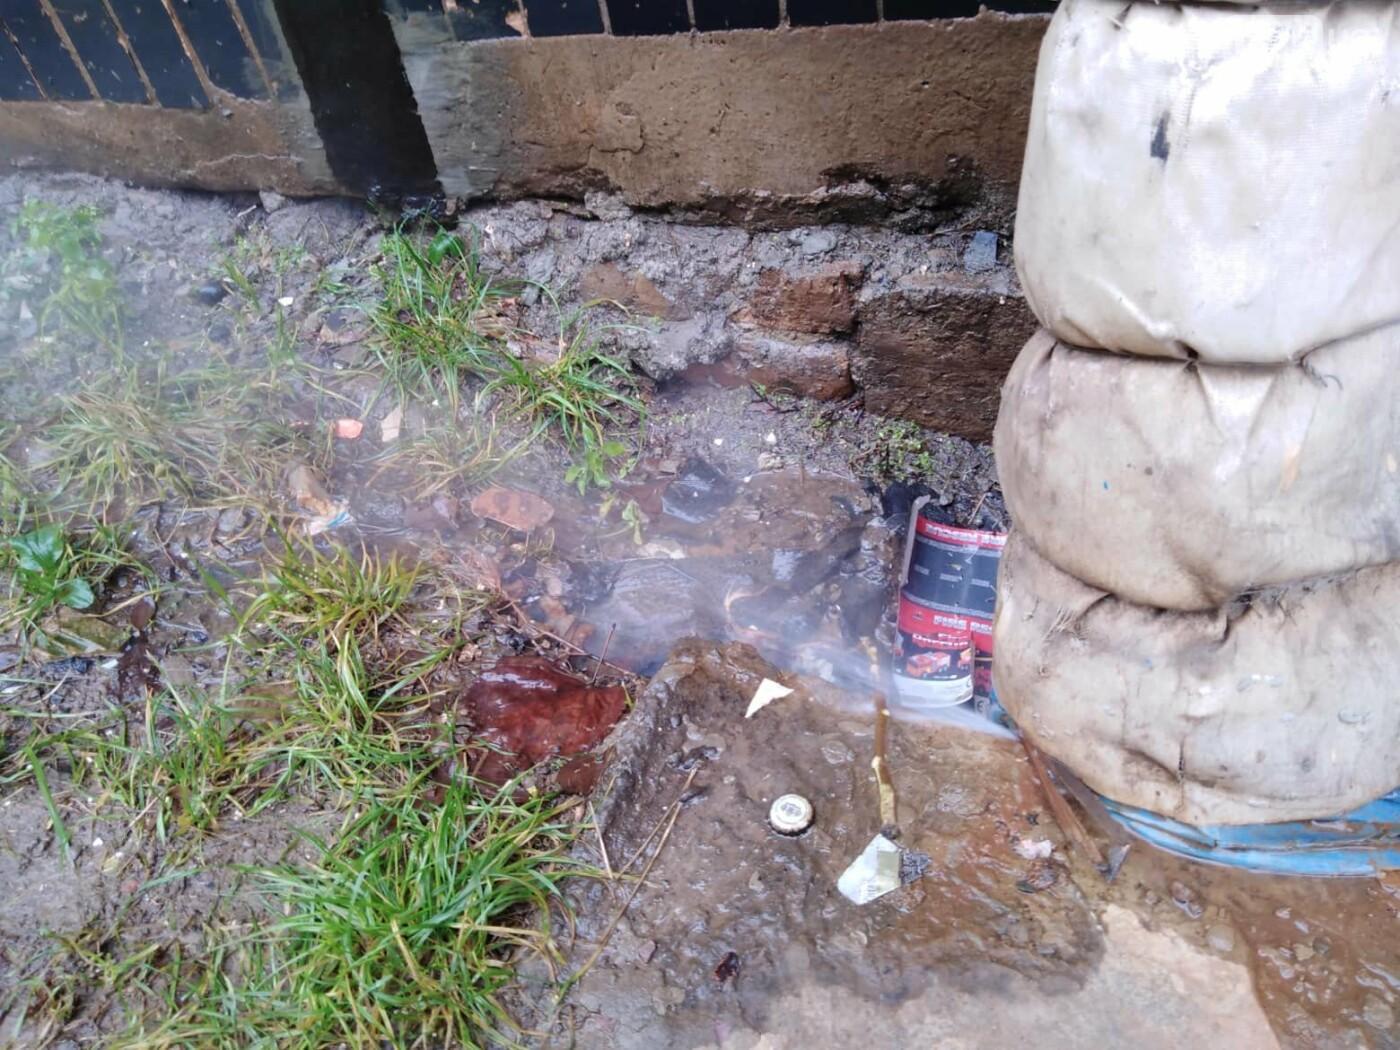 Не дождавшись тепловиков, криворожане принялись ликвидировать аварию на теплосети подручными средствами, - ФОТО, фото-1